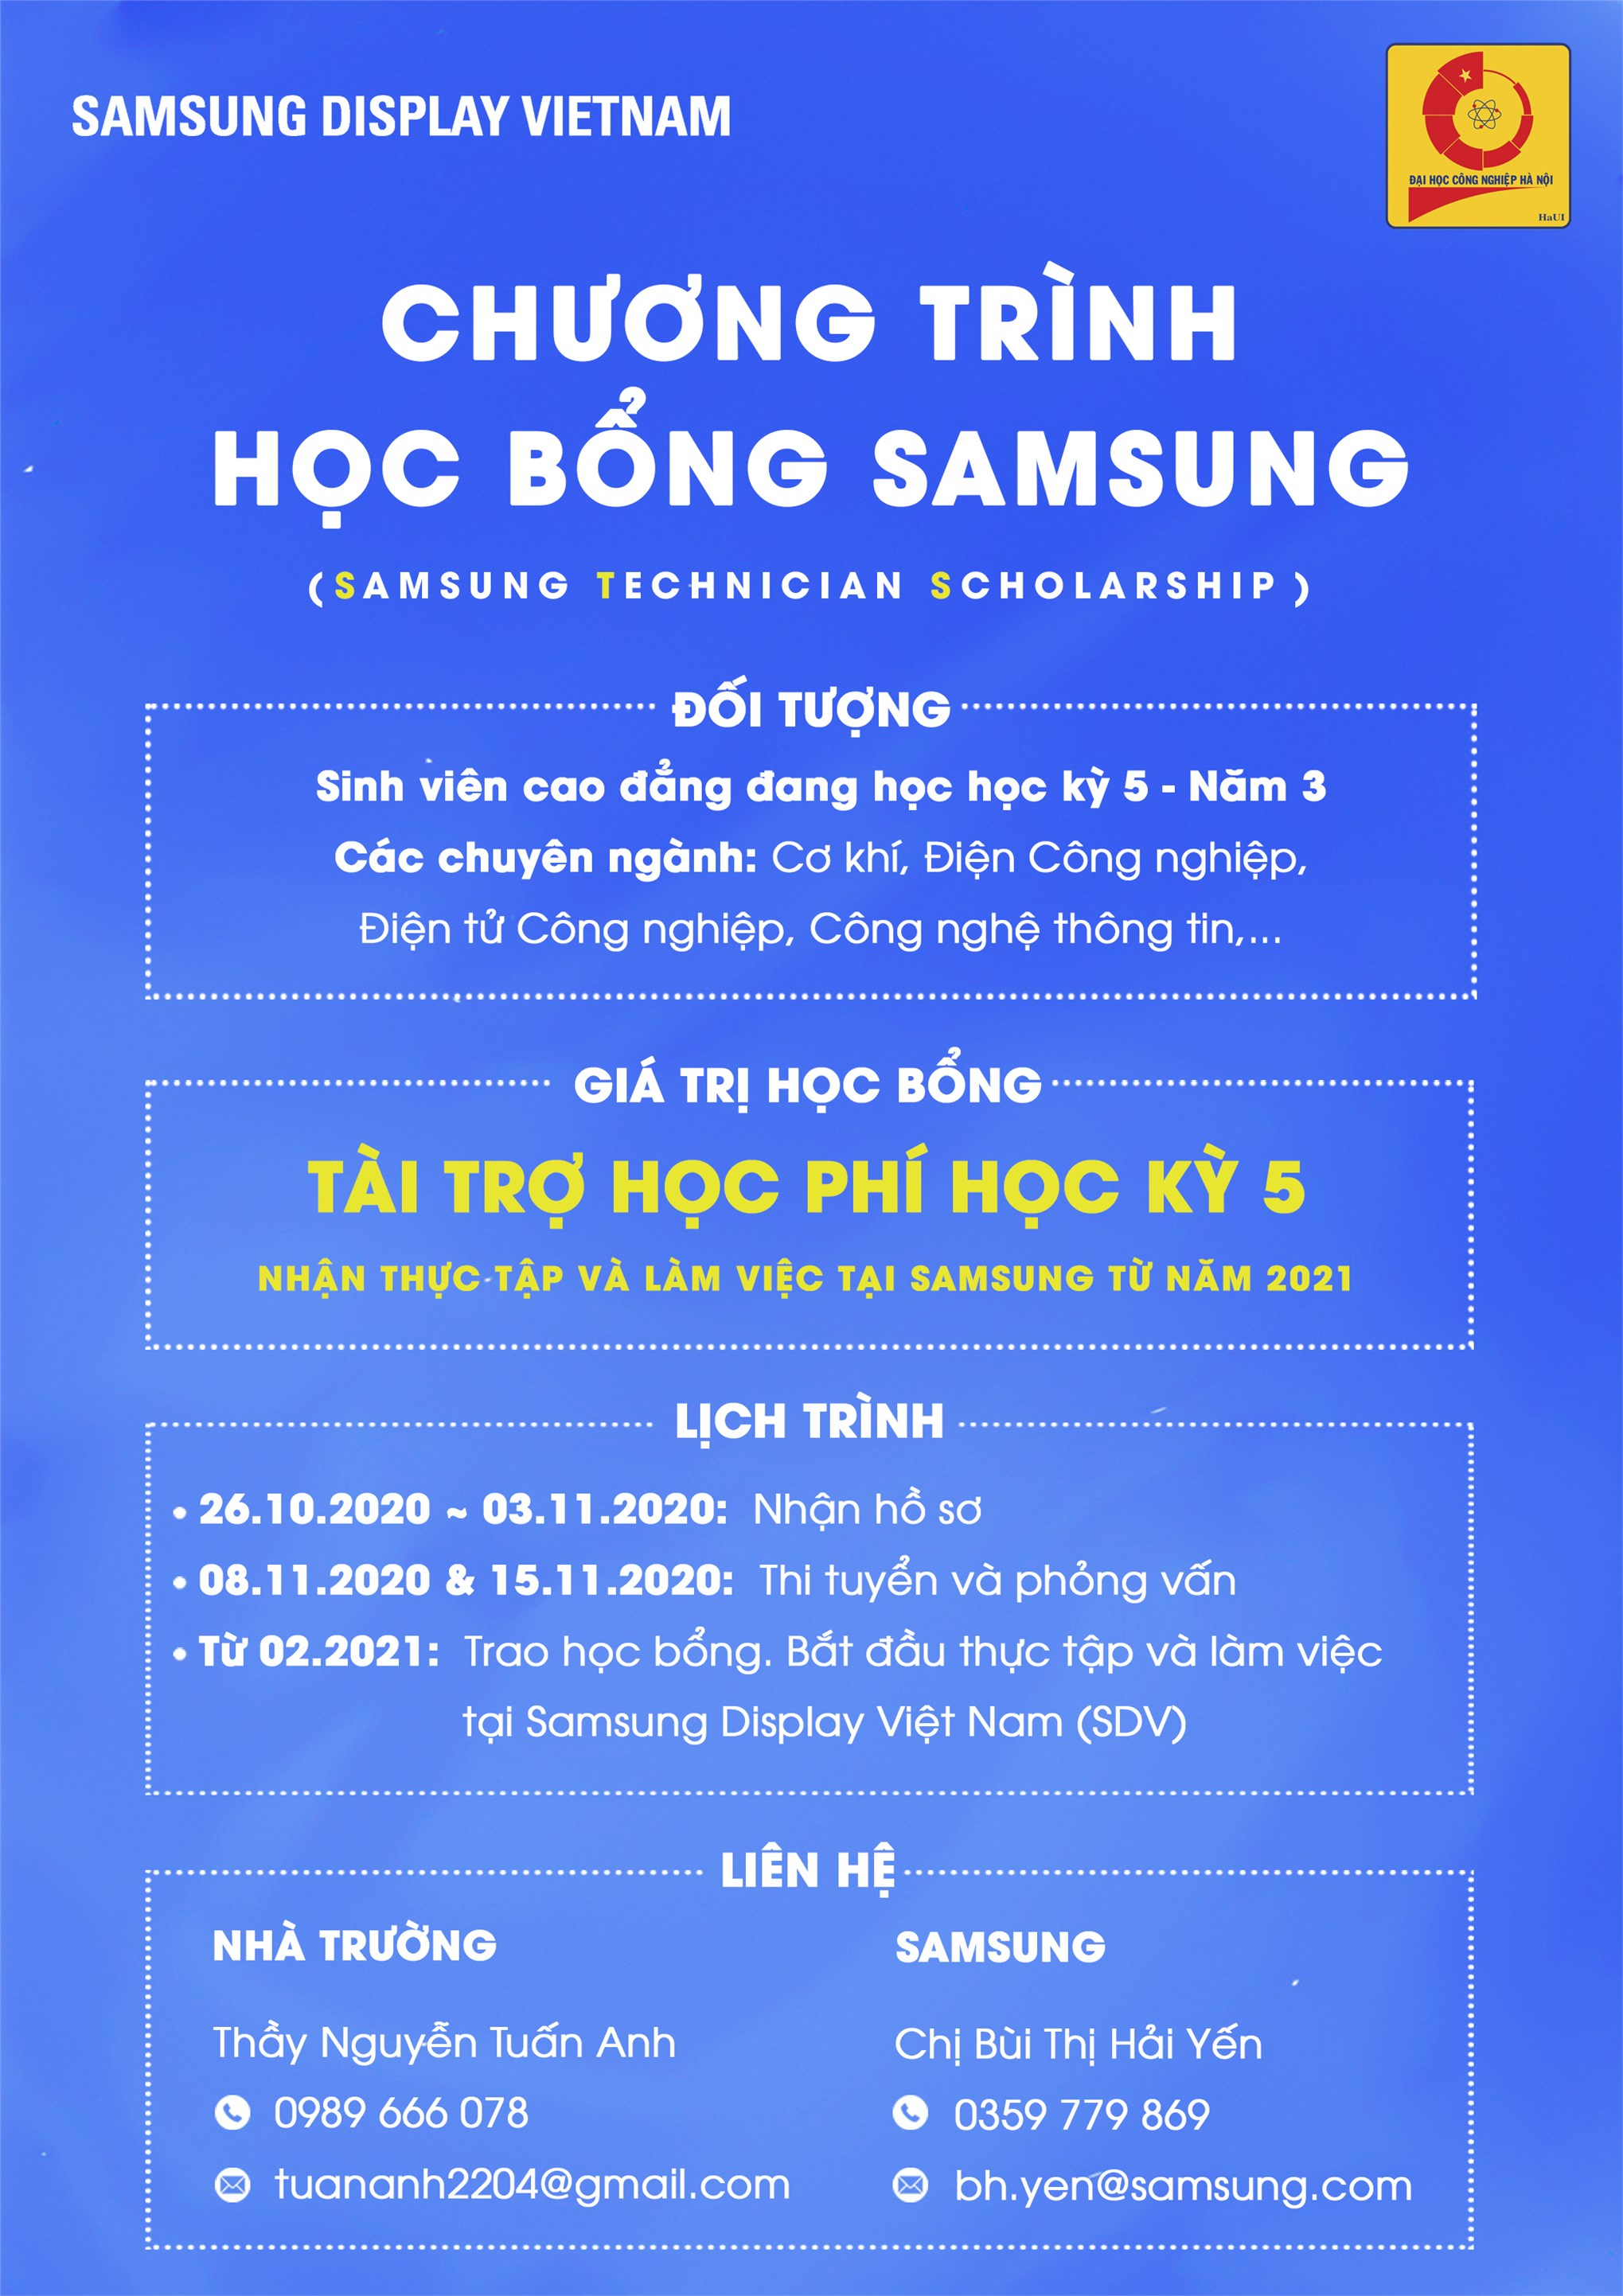 Hội thảo cơ hội việc làm và học bổng của Công ty TNHH Samsung Display Việt Nam